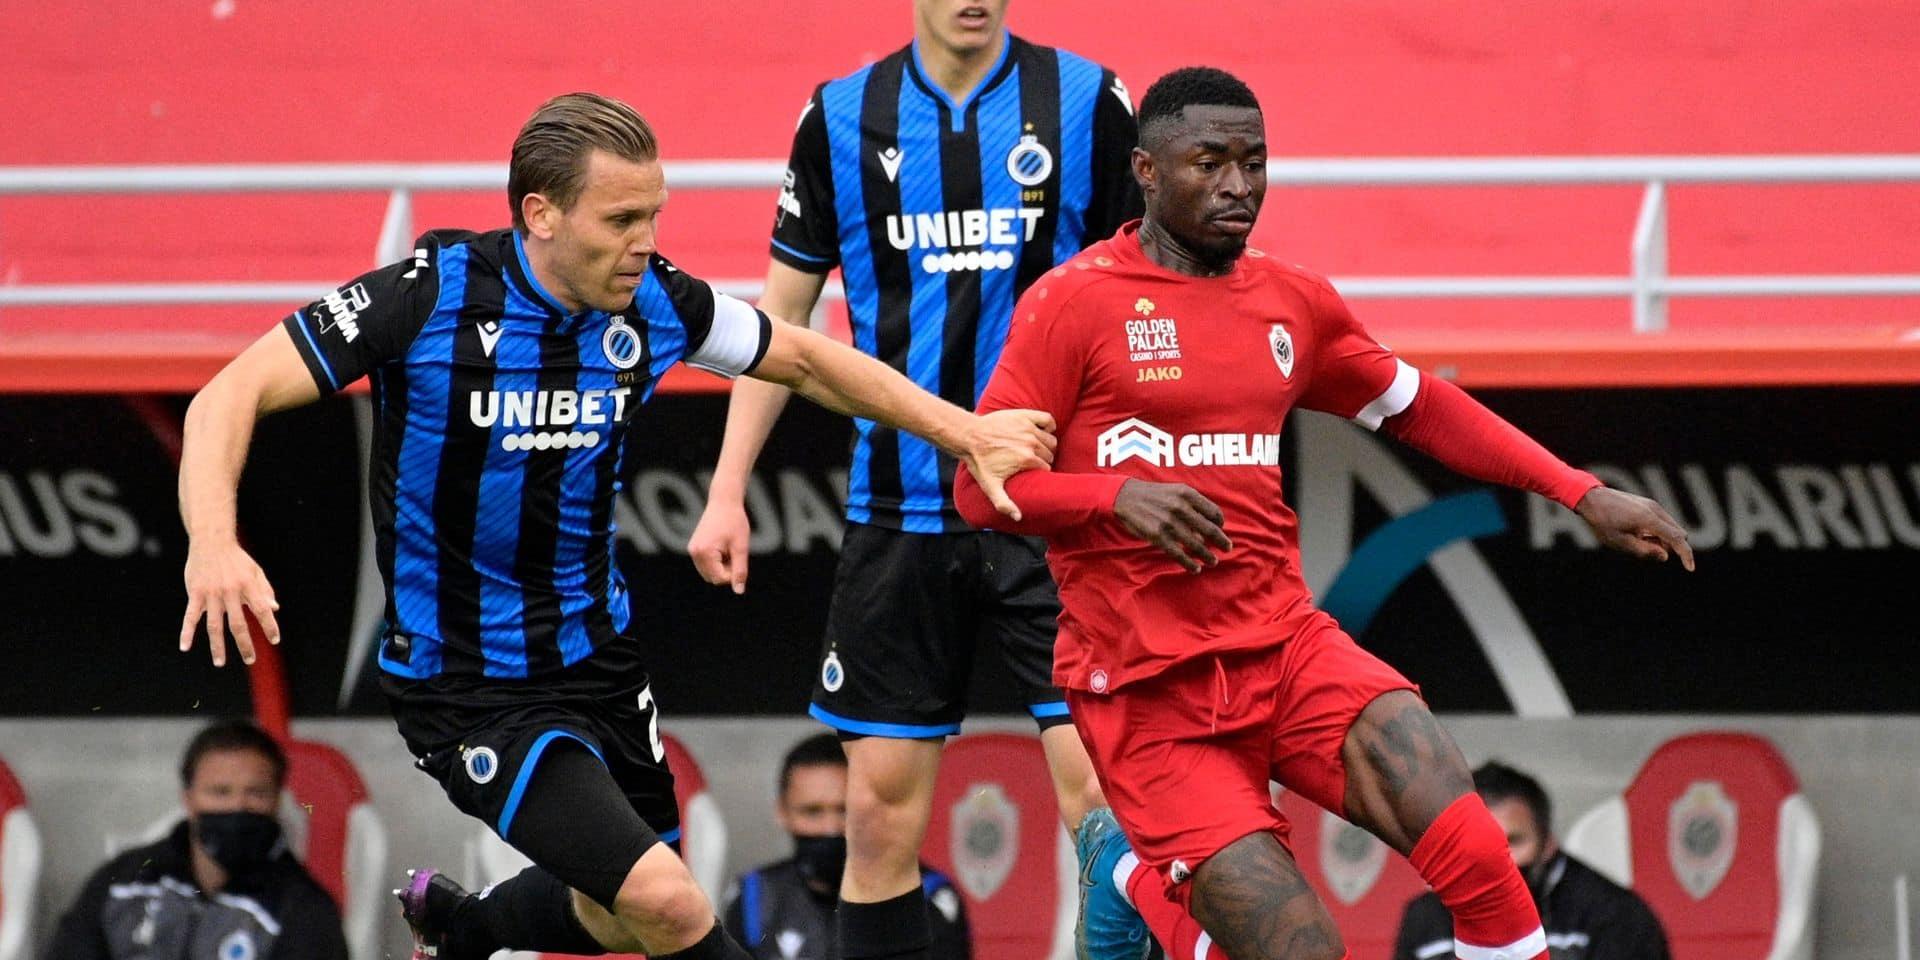 Bruges et l'Antwerp se neutralisent au terme d'un match peu emballant (0-0)